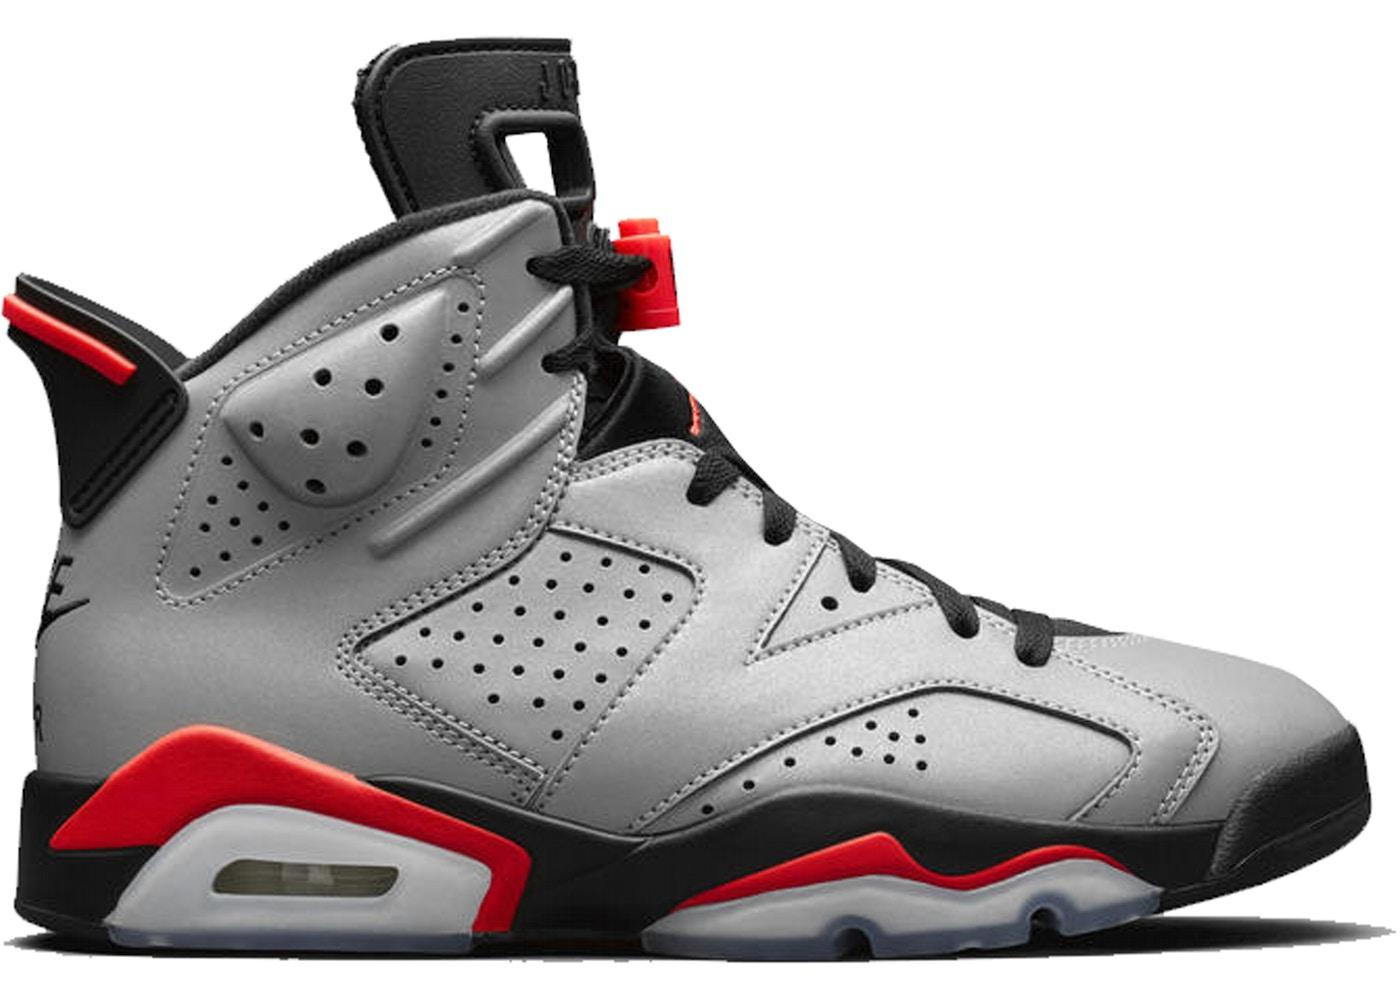 f9d1d30a833d Jordan 6 Retro Reflective Infrared - CI4072-001